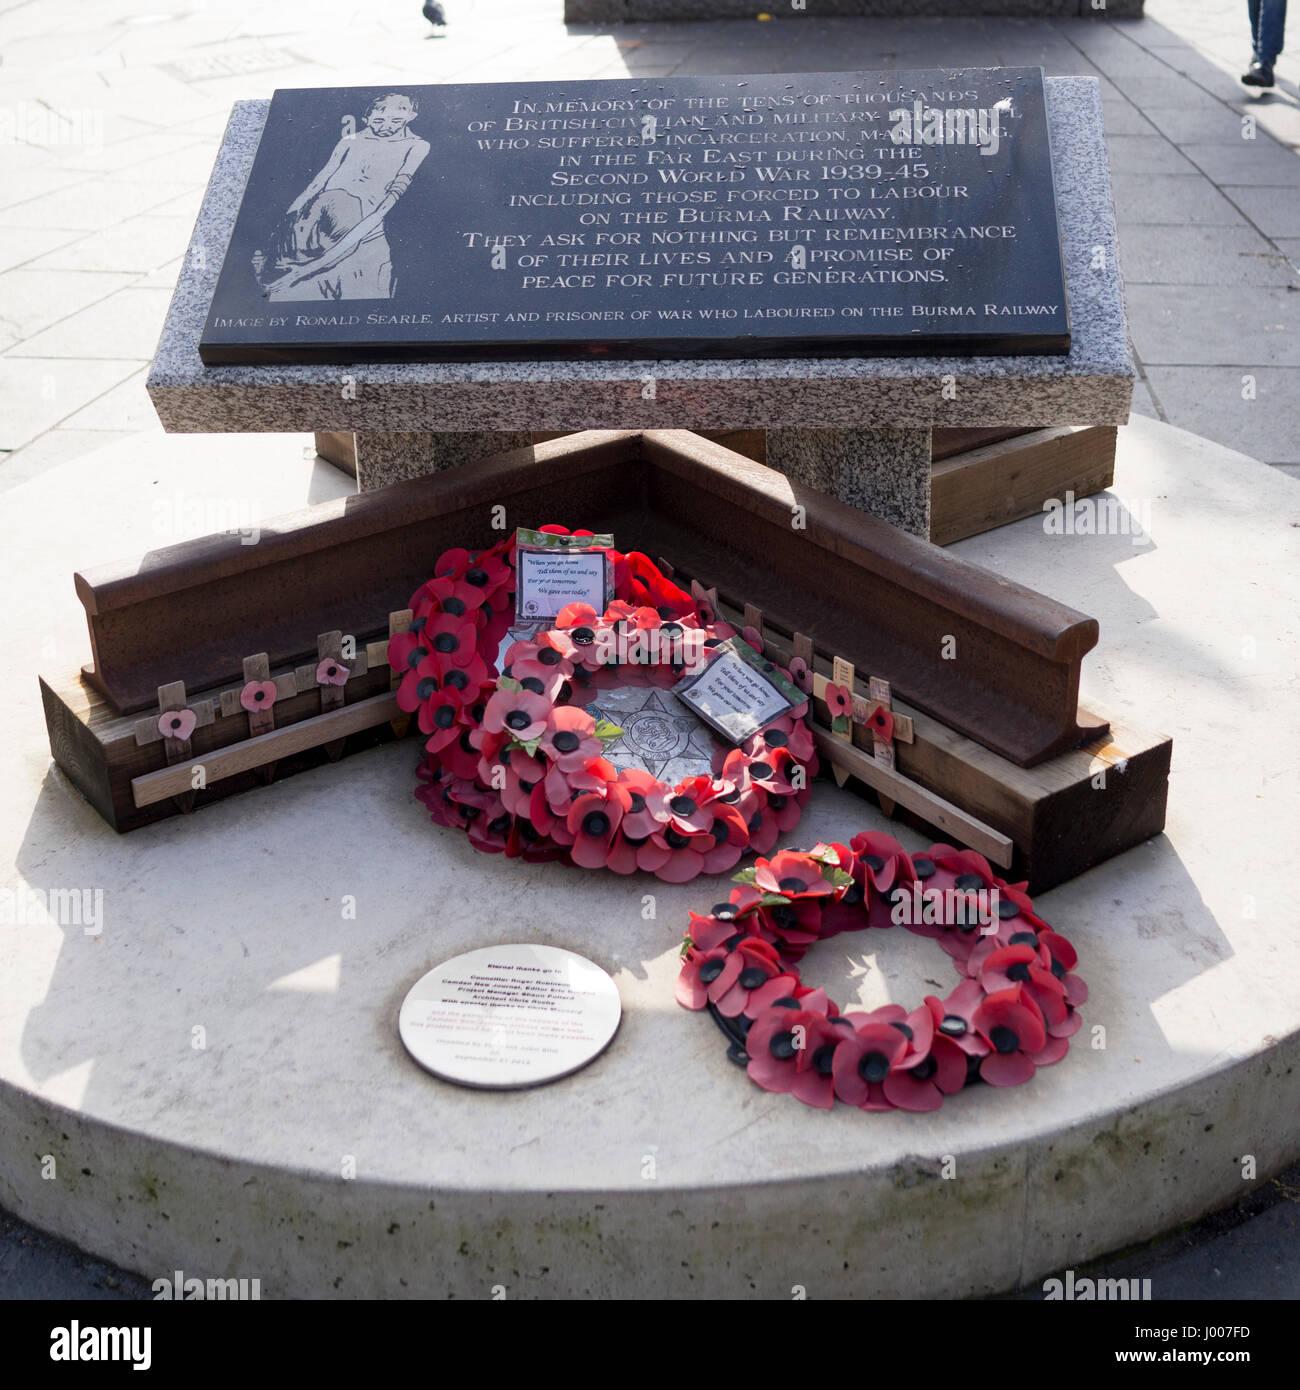 Memorial a los militares y civiles detenidos en campamentos en el Lejano Oriente durante la segunda guerra mundial Imagen De Stock